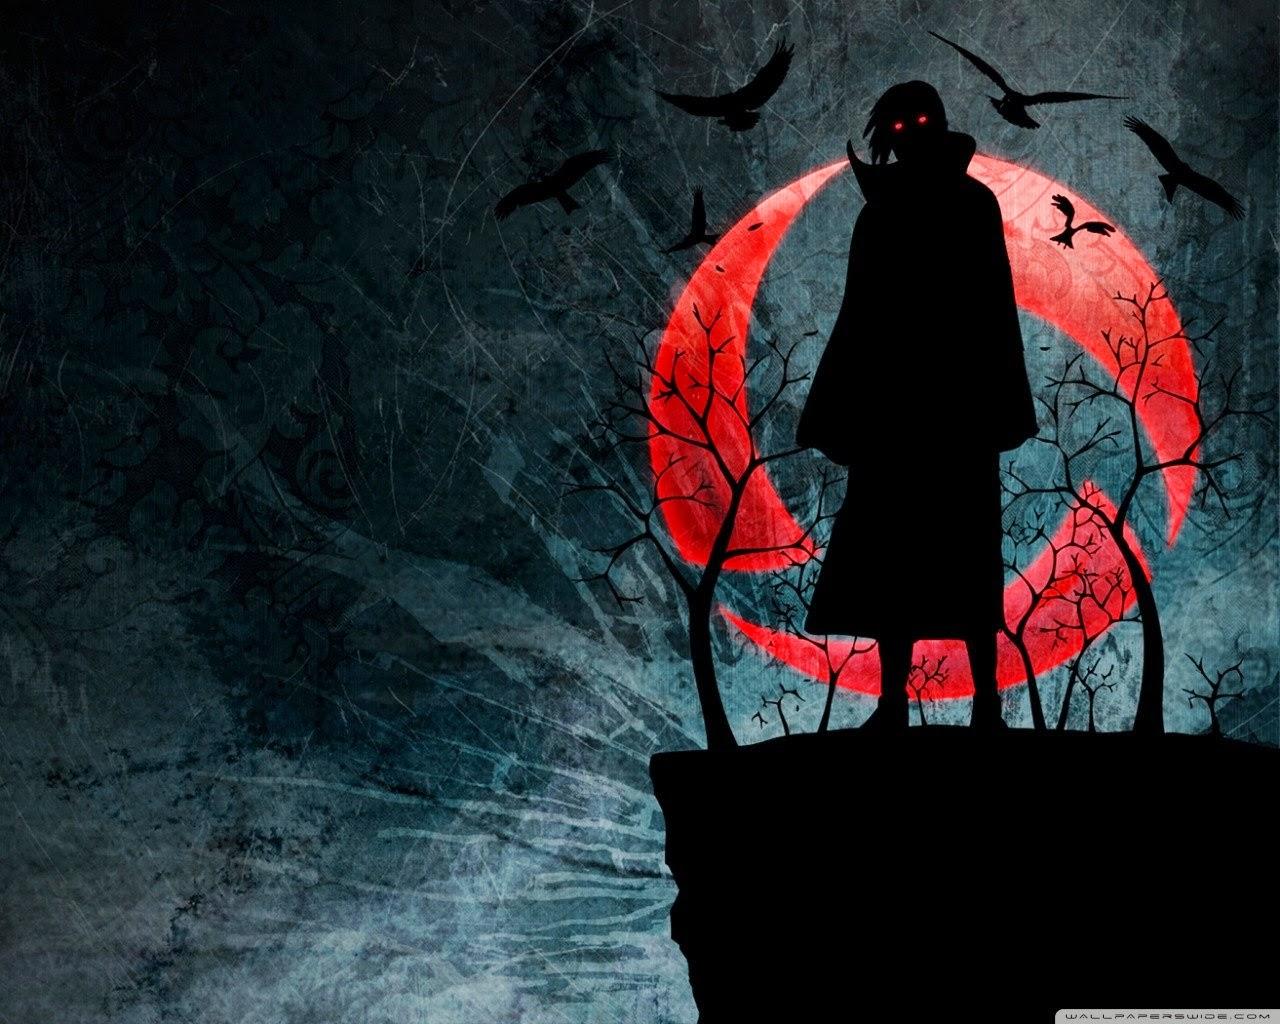 Cartoon Wallpaper Sasuke Vs Itachi Wallpaper: Naruto Shippuden HD Wallpapers